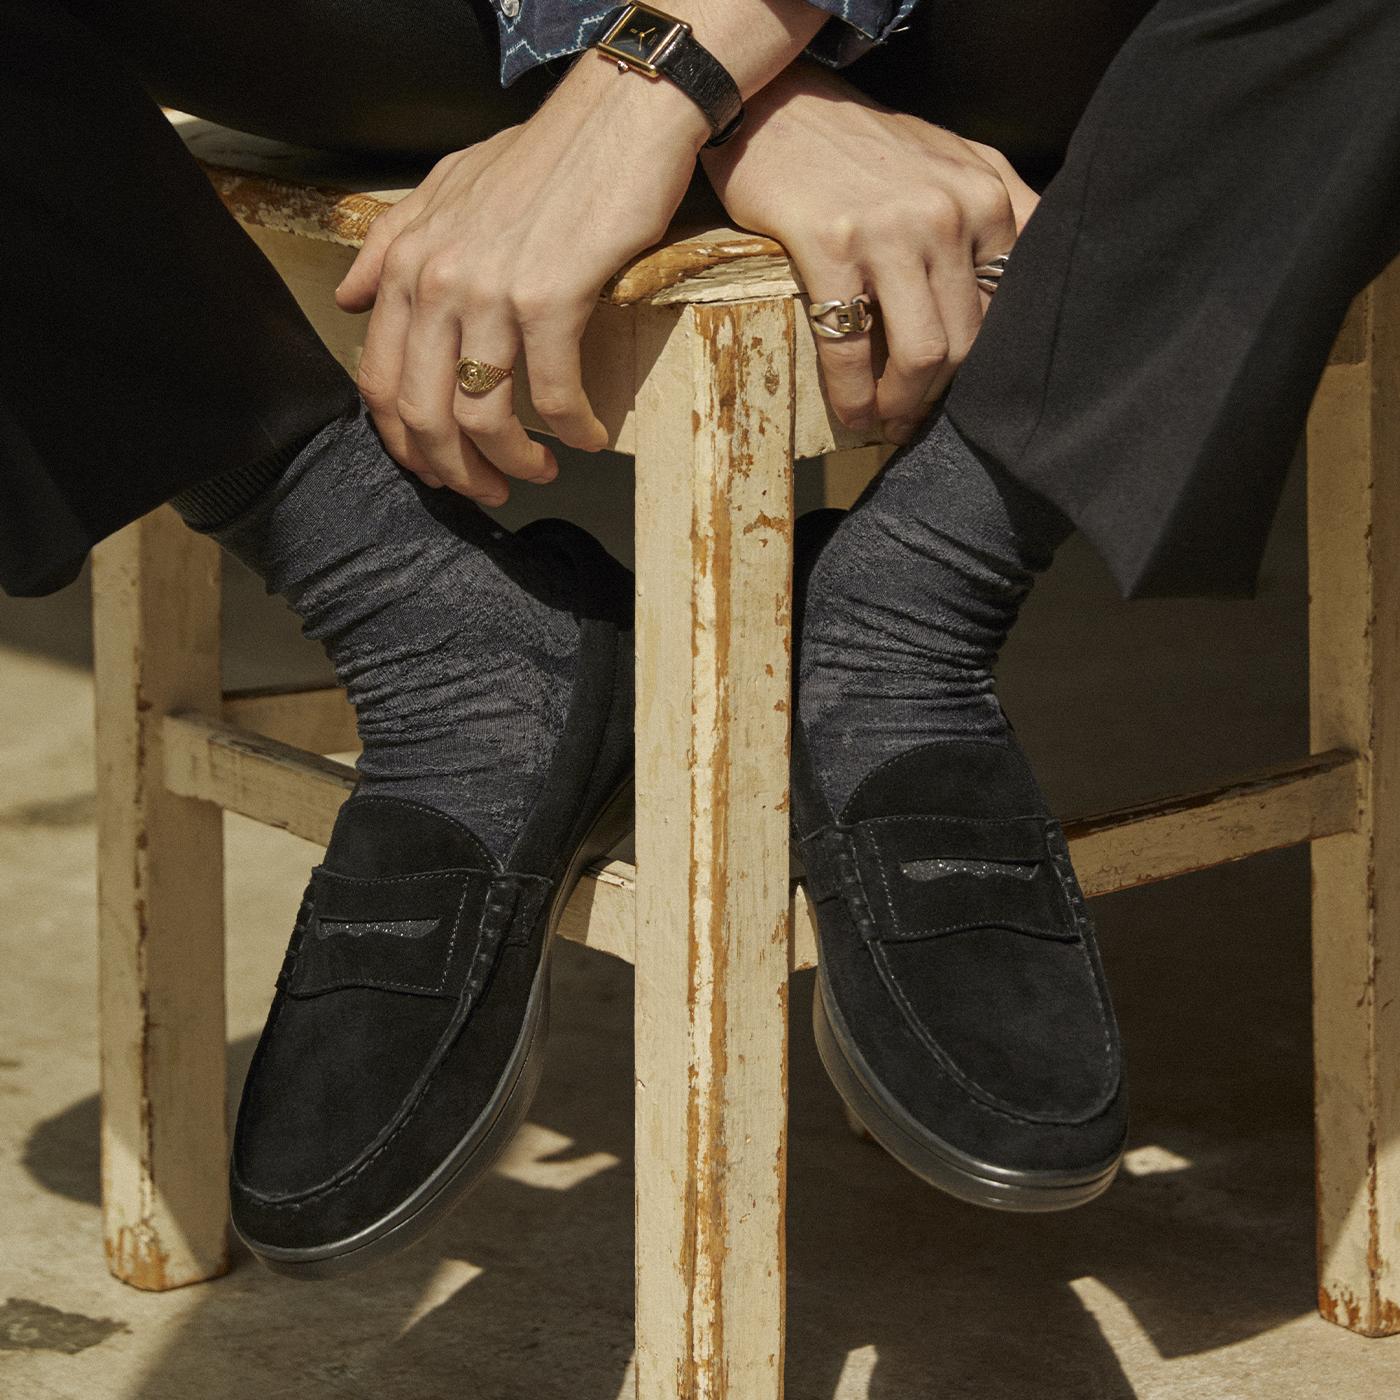 gravis,loafers,gravis japan,聯名鞋,gravis foot wear,gravis shoes,gravis 鞋,gravis 介紹,gravis 台灣,gravis品牌,gravis スニーカー,gravis plain-me,gravis odjick,gravis リュック